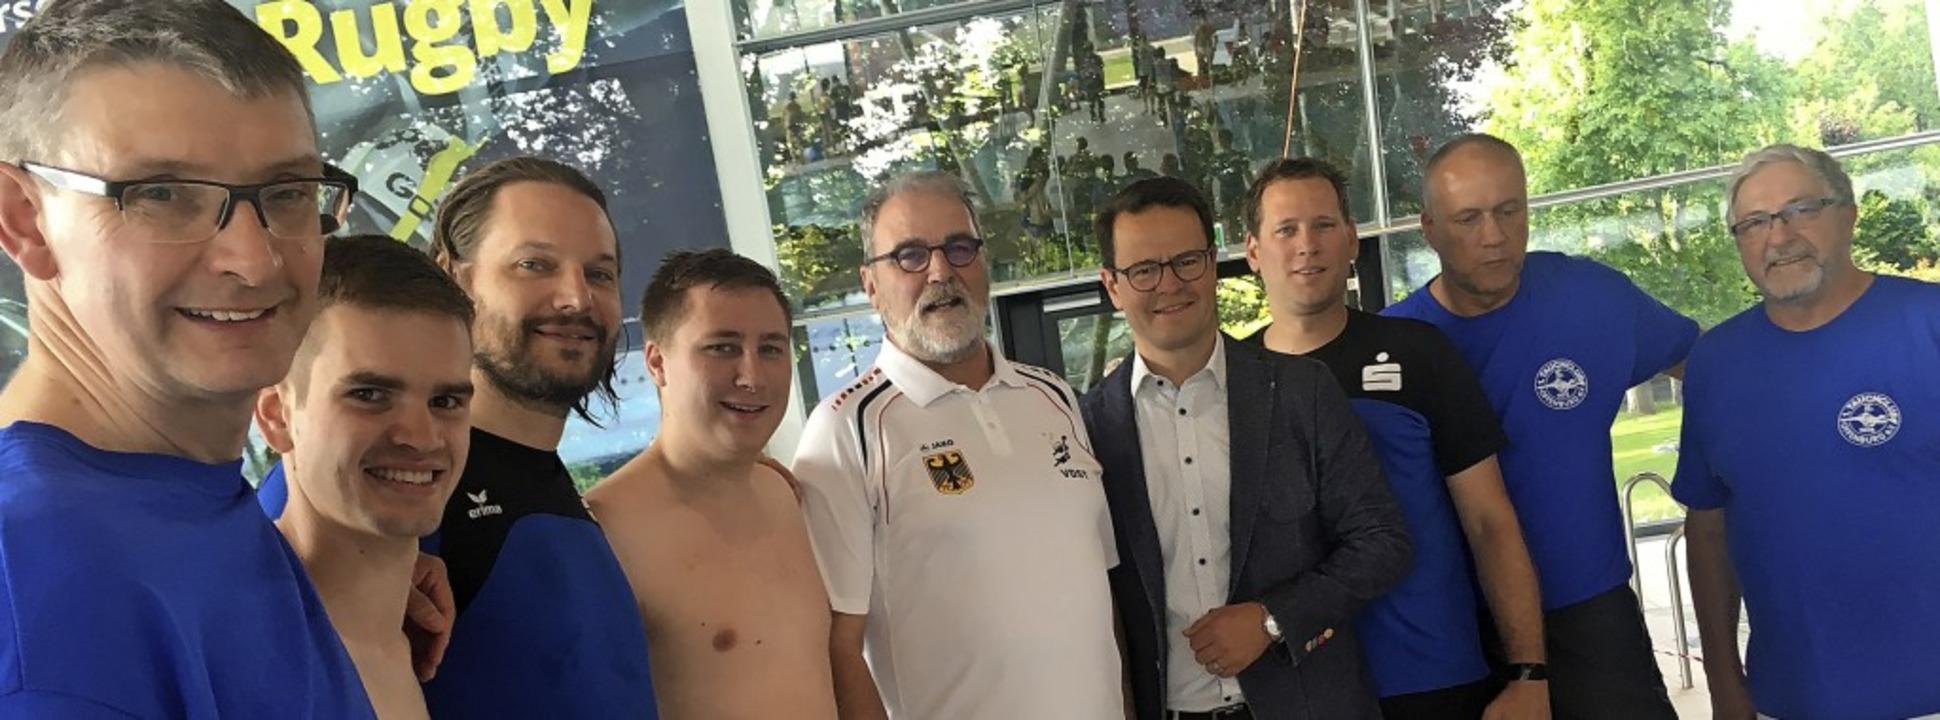 Unterwasser-Rugby hat laut OB Steffens...n) in Offenburg eine lange Tradition.   | Foto: Cornelia Weizenecker